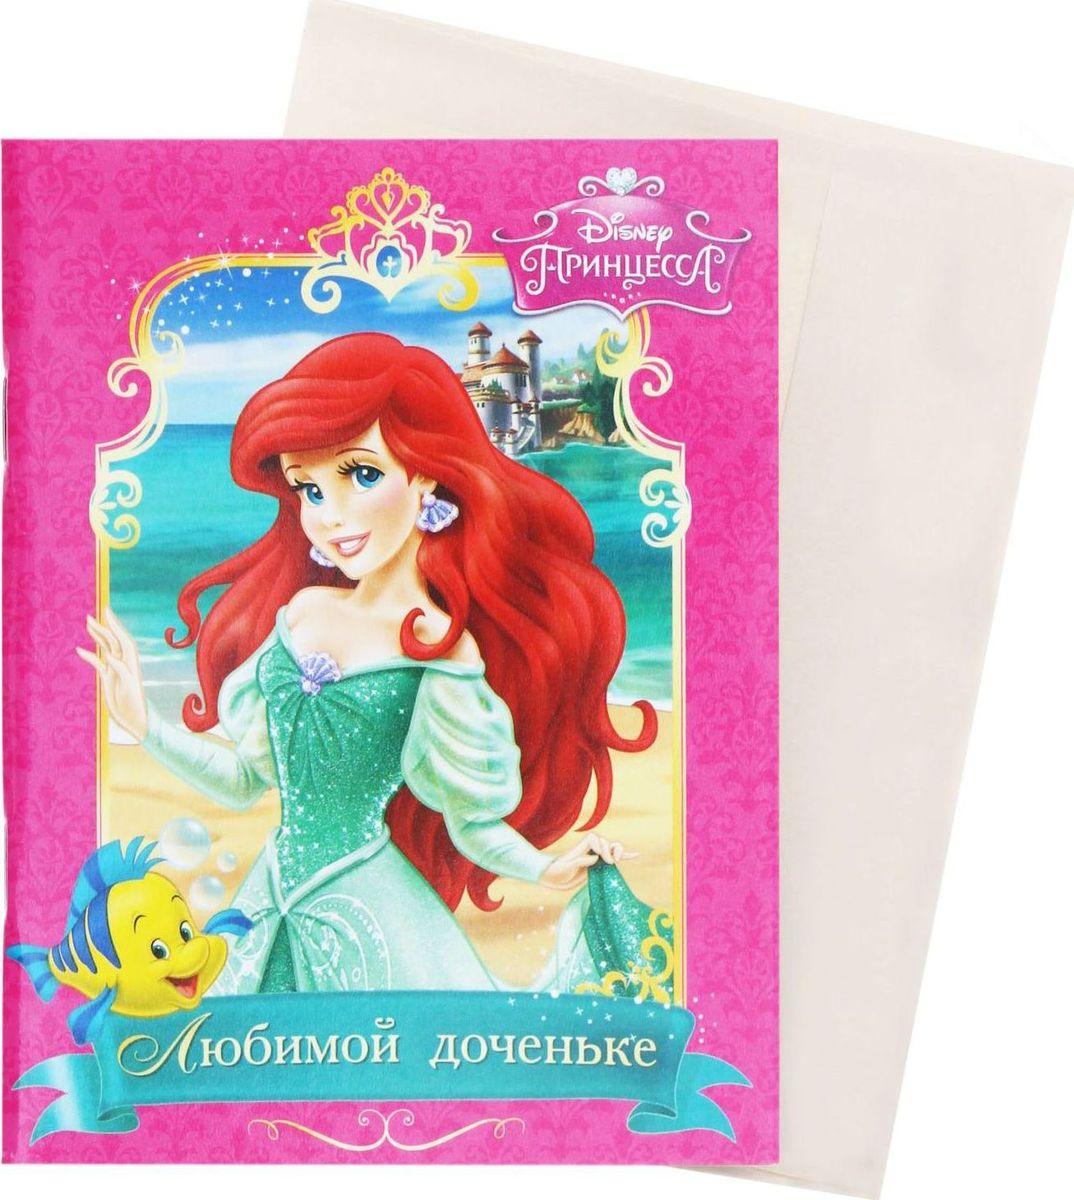 Disney Блокнот-открытка Принцессы Любимой доченьке 32 листа1121650Перед вами уникальная разработка нашего креативного отдела. С одной стороны, это яркая открытка со всеми любимой Ариэль и Флаундером, а стоит заглянуть внутрь, и вы найдете 32 дизайнерских листа с бархатной фактурой. Роскошный сувенир, разработанный специально для маленьких принцесс. В отличие от обычной открытки, которая зачастую просто пылиться в шкафу, блокнотом Любимой доченьке приятно пользоваться! Все элементы украшены милыми комплиментами и советами для юных красавиц. Герои мультика Русалочка изображены на обложке блокнота и на внутренних листах, так что каждая запись приносит еще больше удовольствия. Эксклюзивный блокнот-открытка будет прекрасным подарком для вашей любимой малышки. В подарок к блокноту-открытке вложен универсальный конверт. Подпишите его, открытку и вручите сувенир адресату на любой праздник.